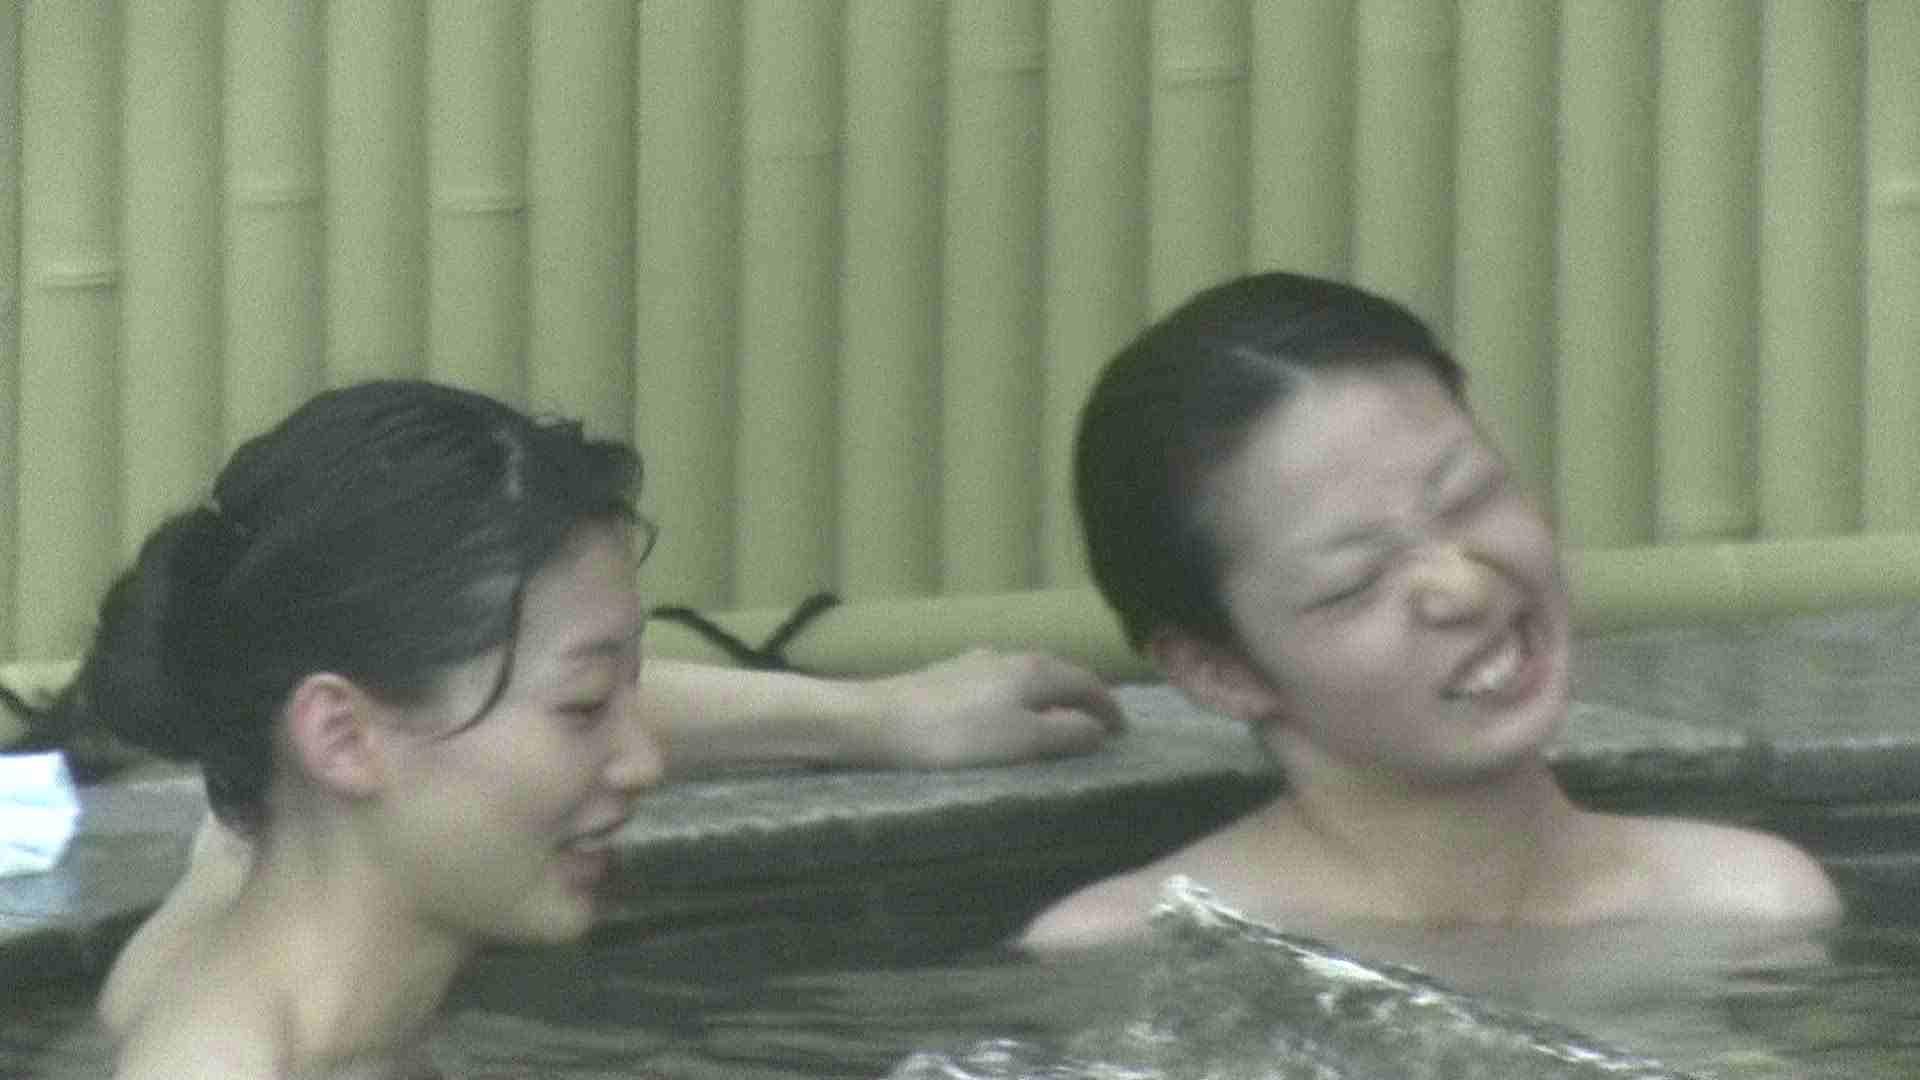 Aquaな露天風呂Vol.195 盗撮 | 露天  71画像 46